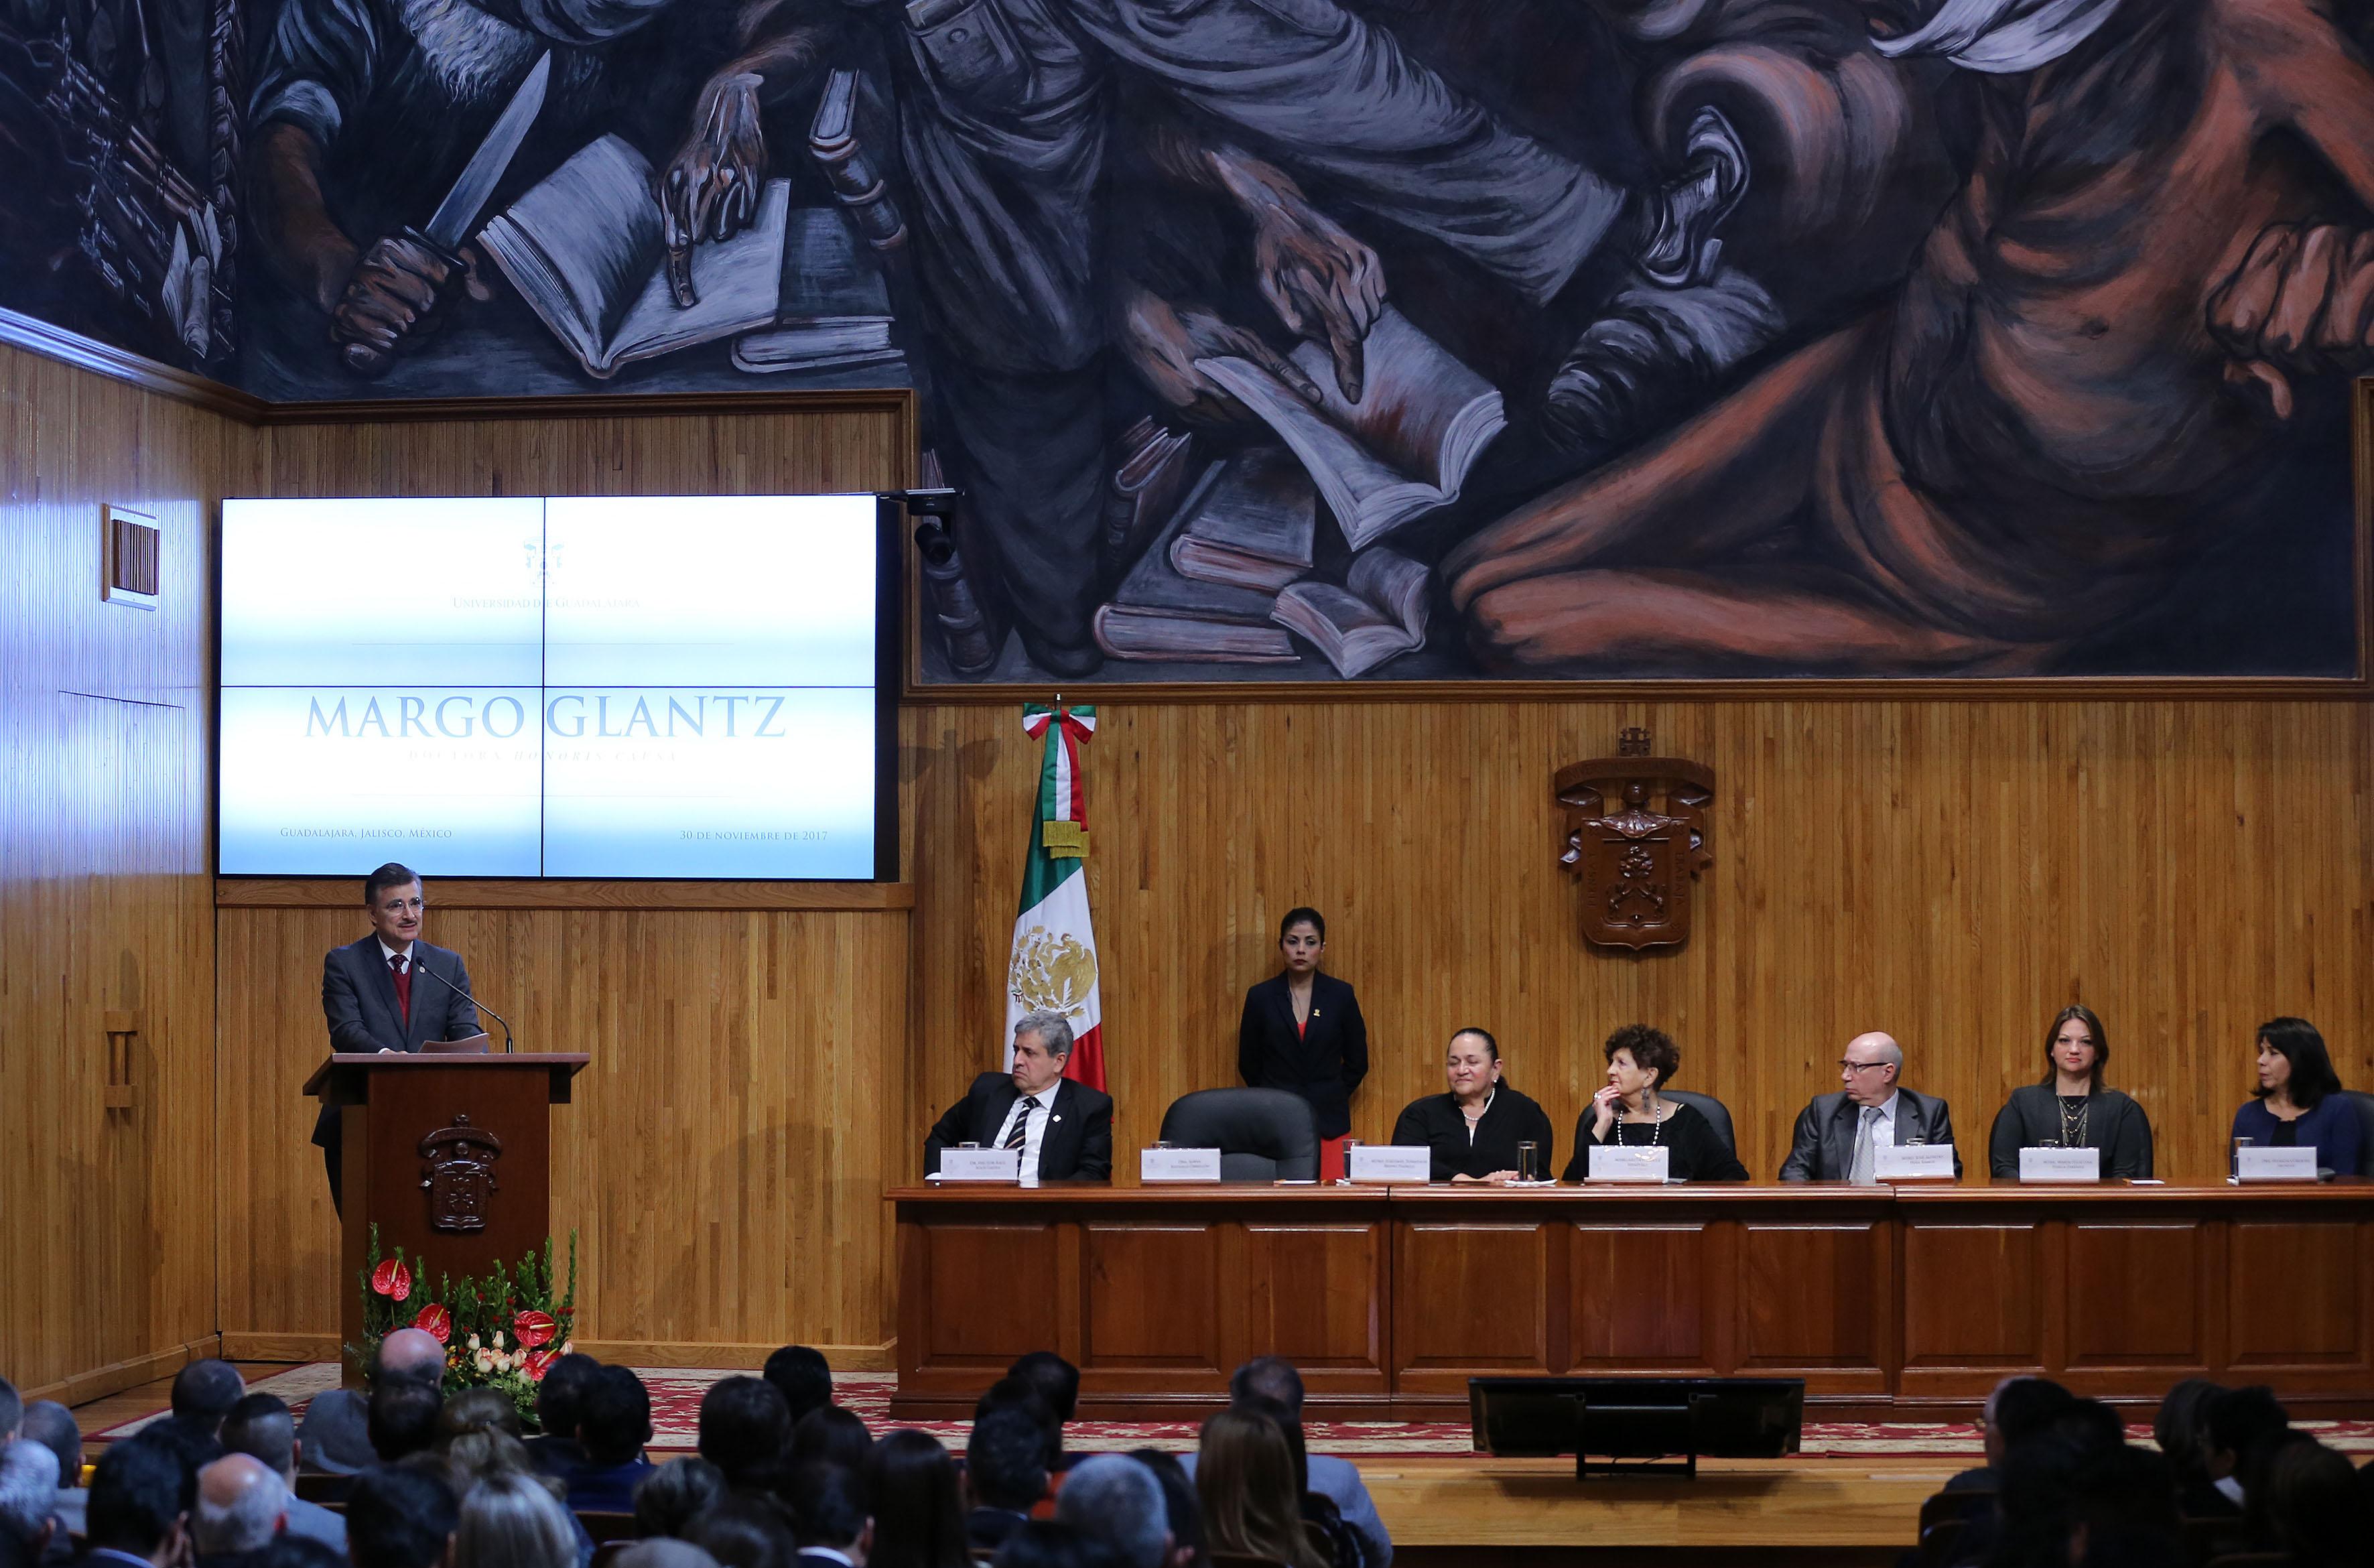 Rector General de la Universidad de Guadalajara, maestro Itzcóatl Tonatiuh Bravo Padilla, haciendo uso de la palabra durante la ceremonia